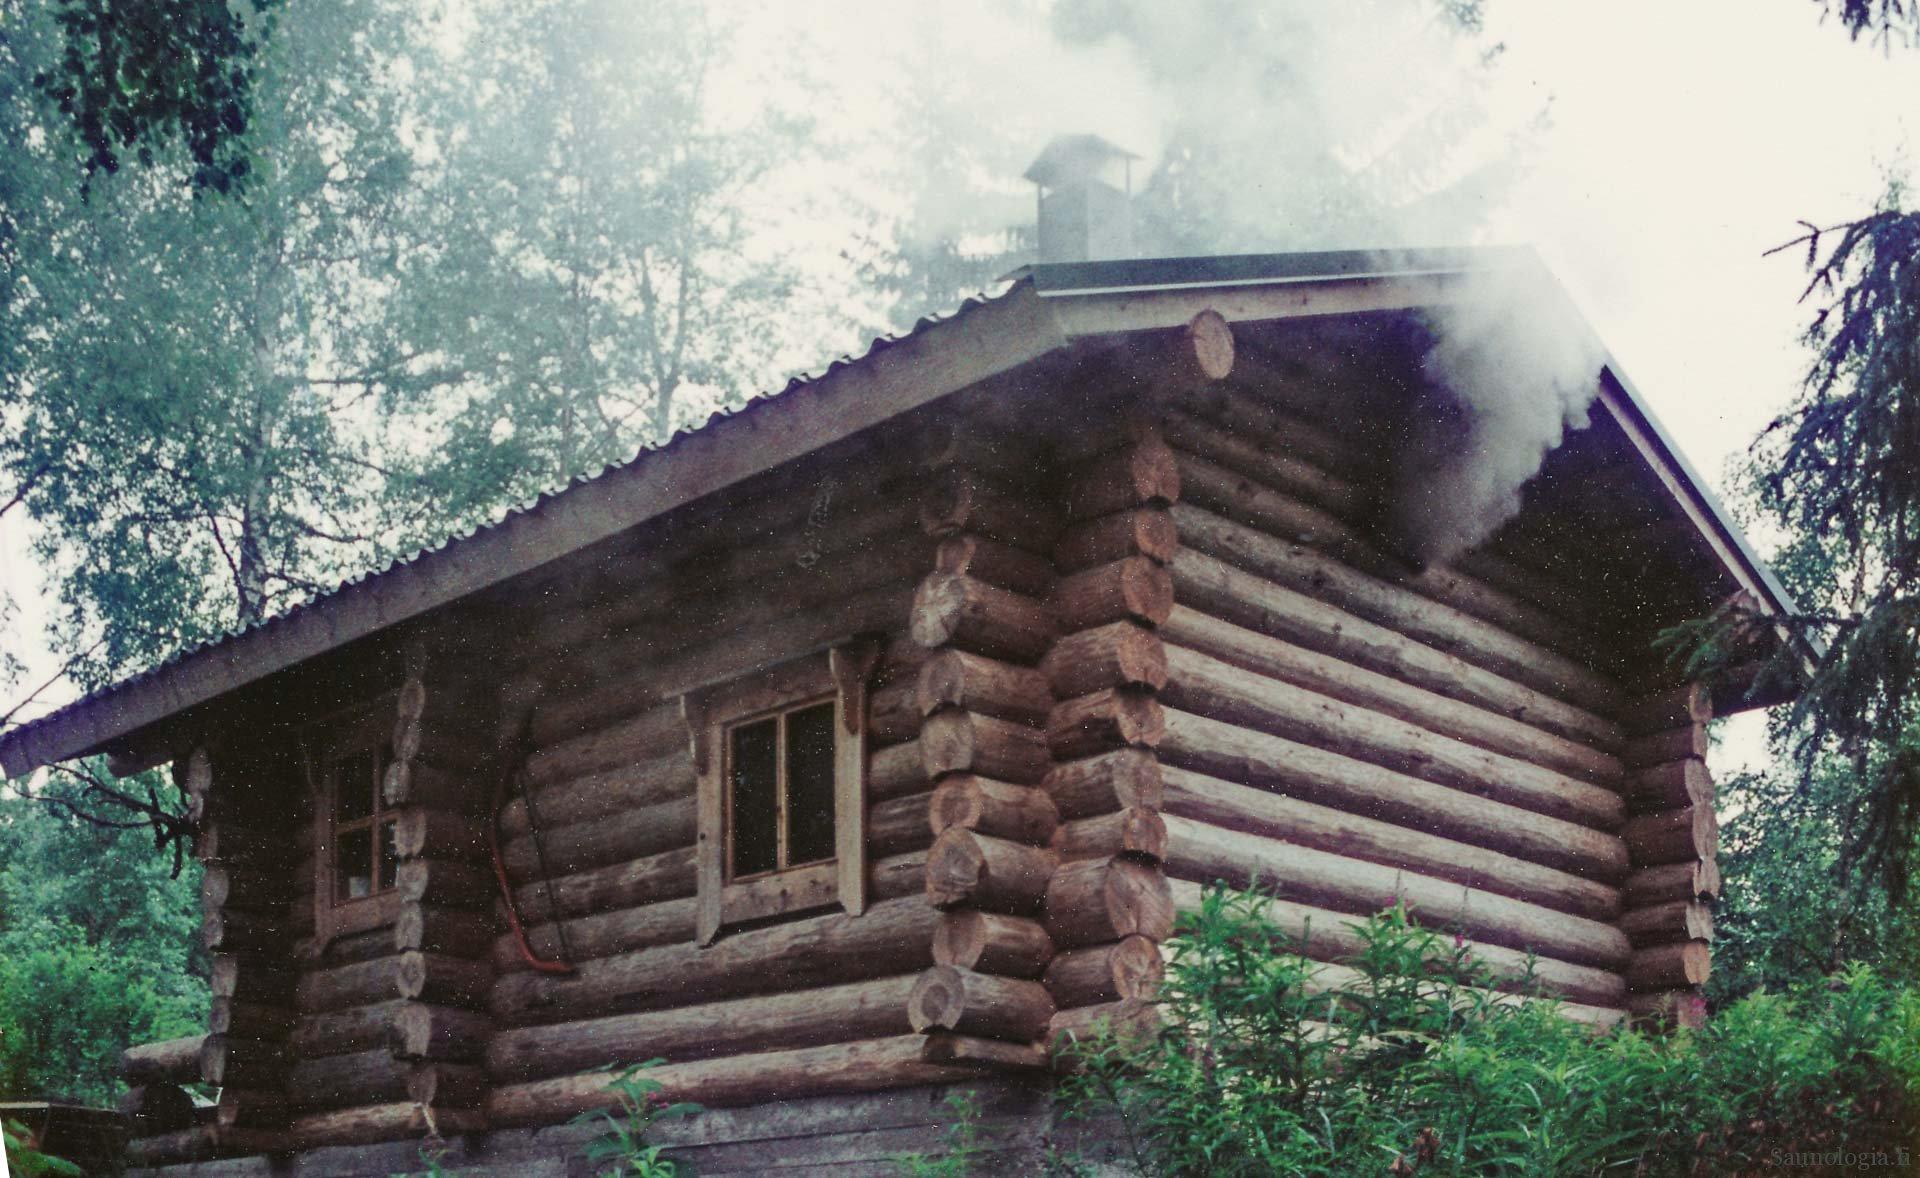 181120-Lyytinen-saunapalo-ulkoa-ennen